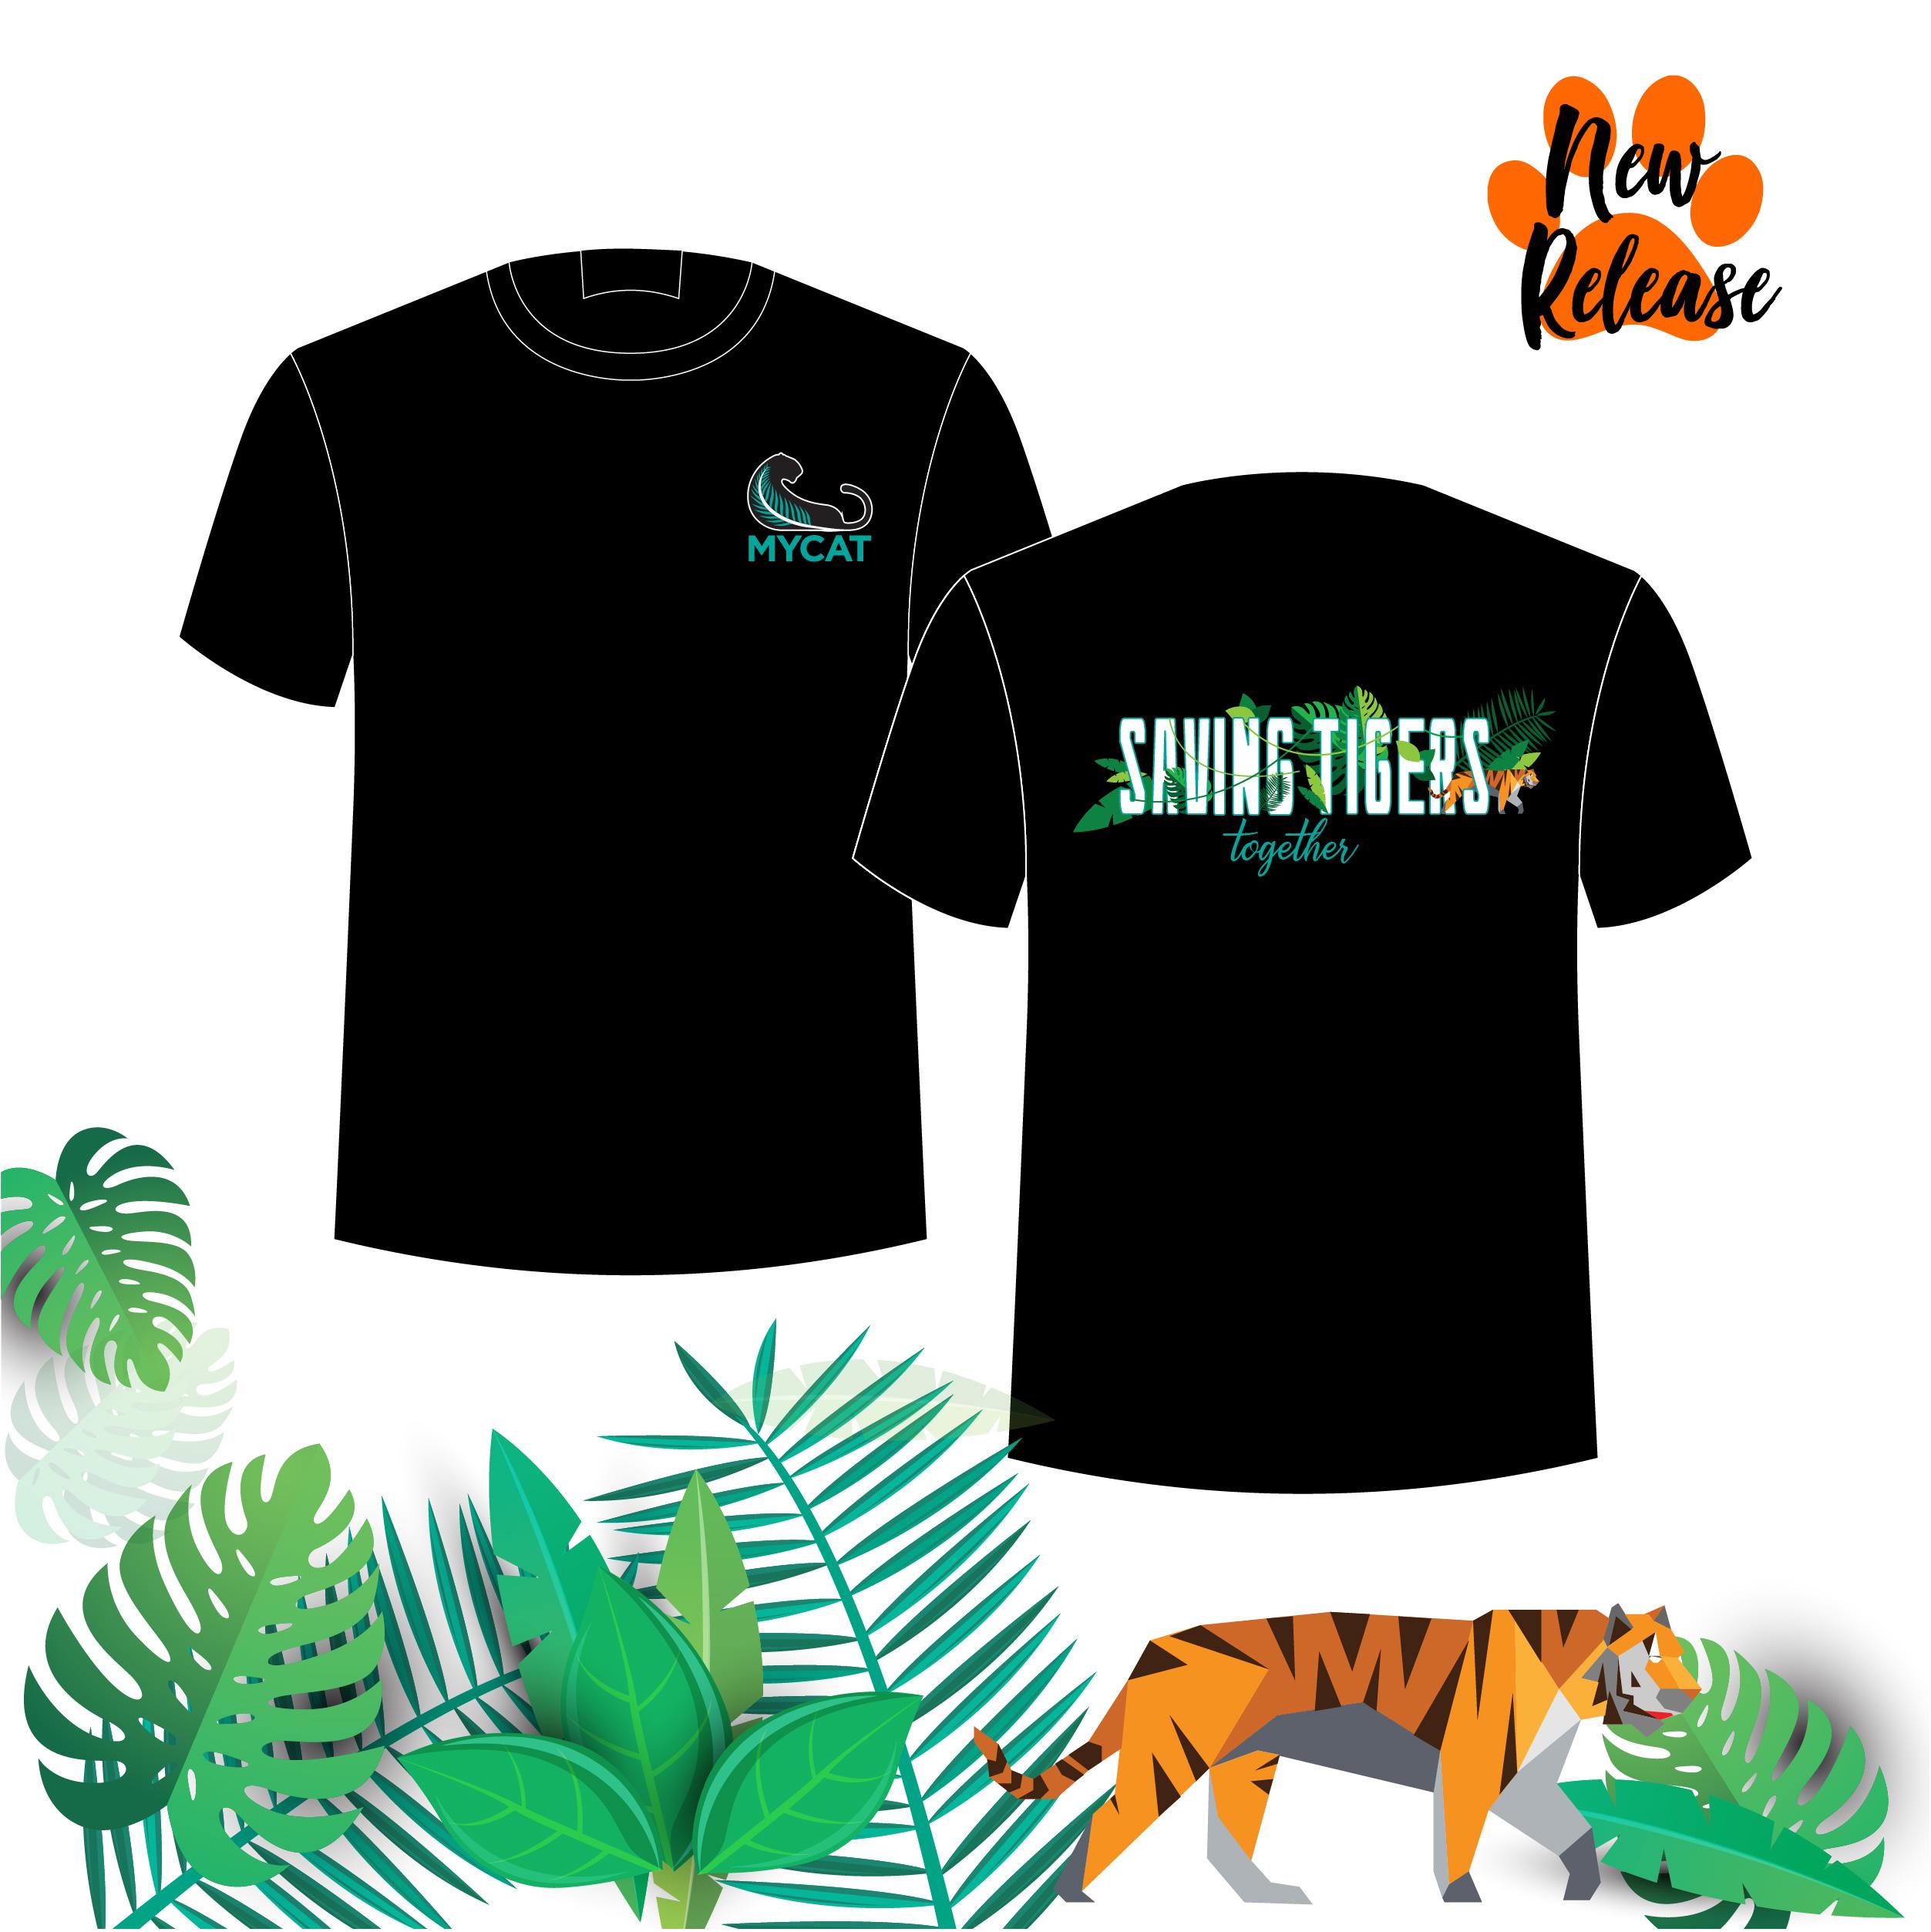 Tshirt Promote 2-02